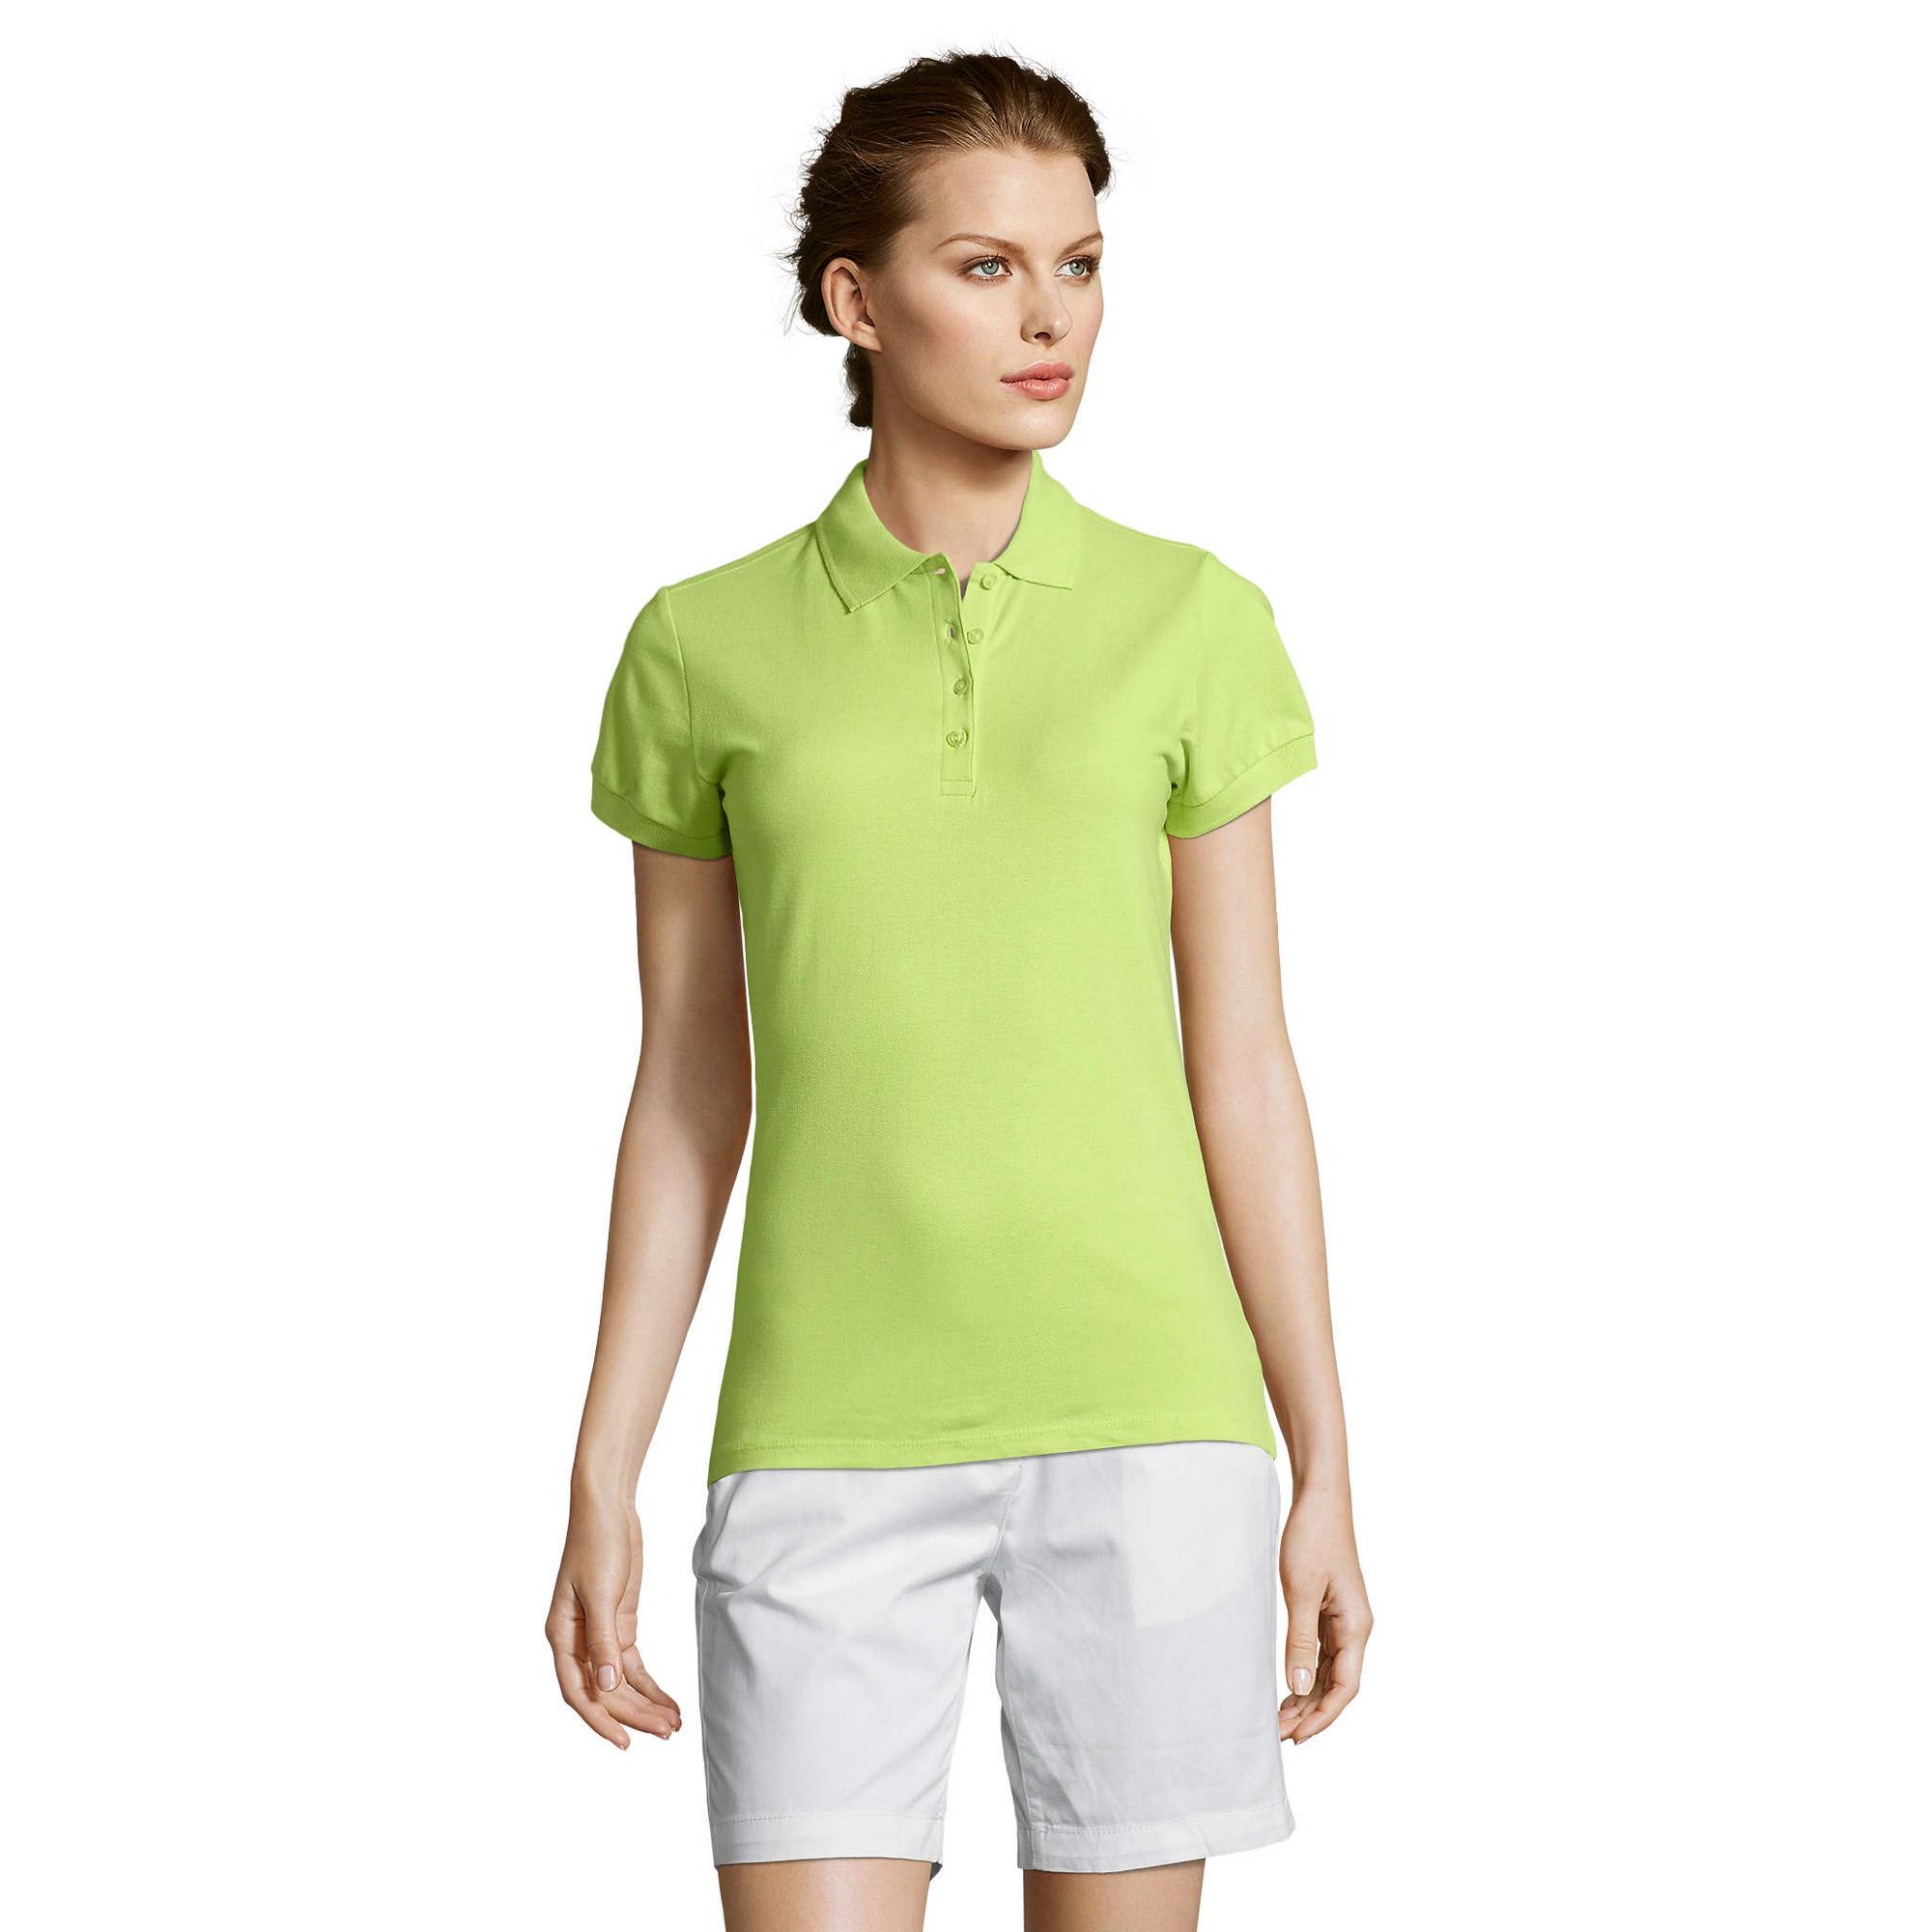 miniature 70 - SOLS-People-Polo-100-coton-a-manches-courtes-Femme-S-2XL-17-PC319